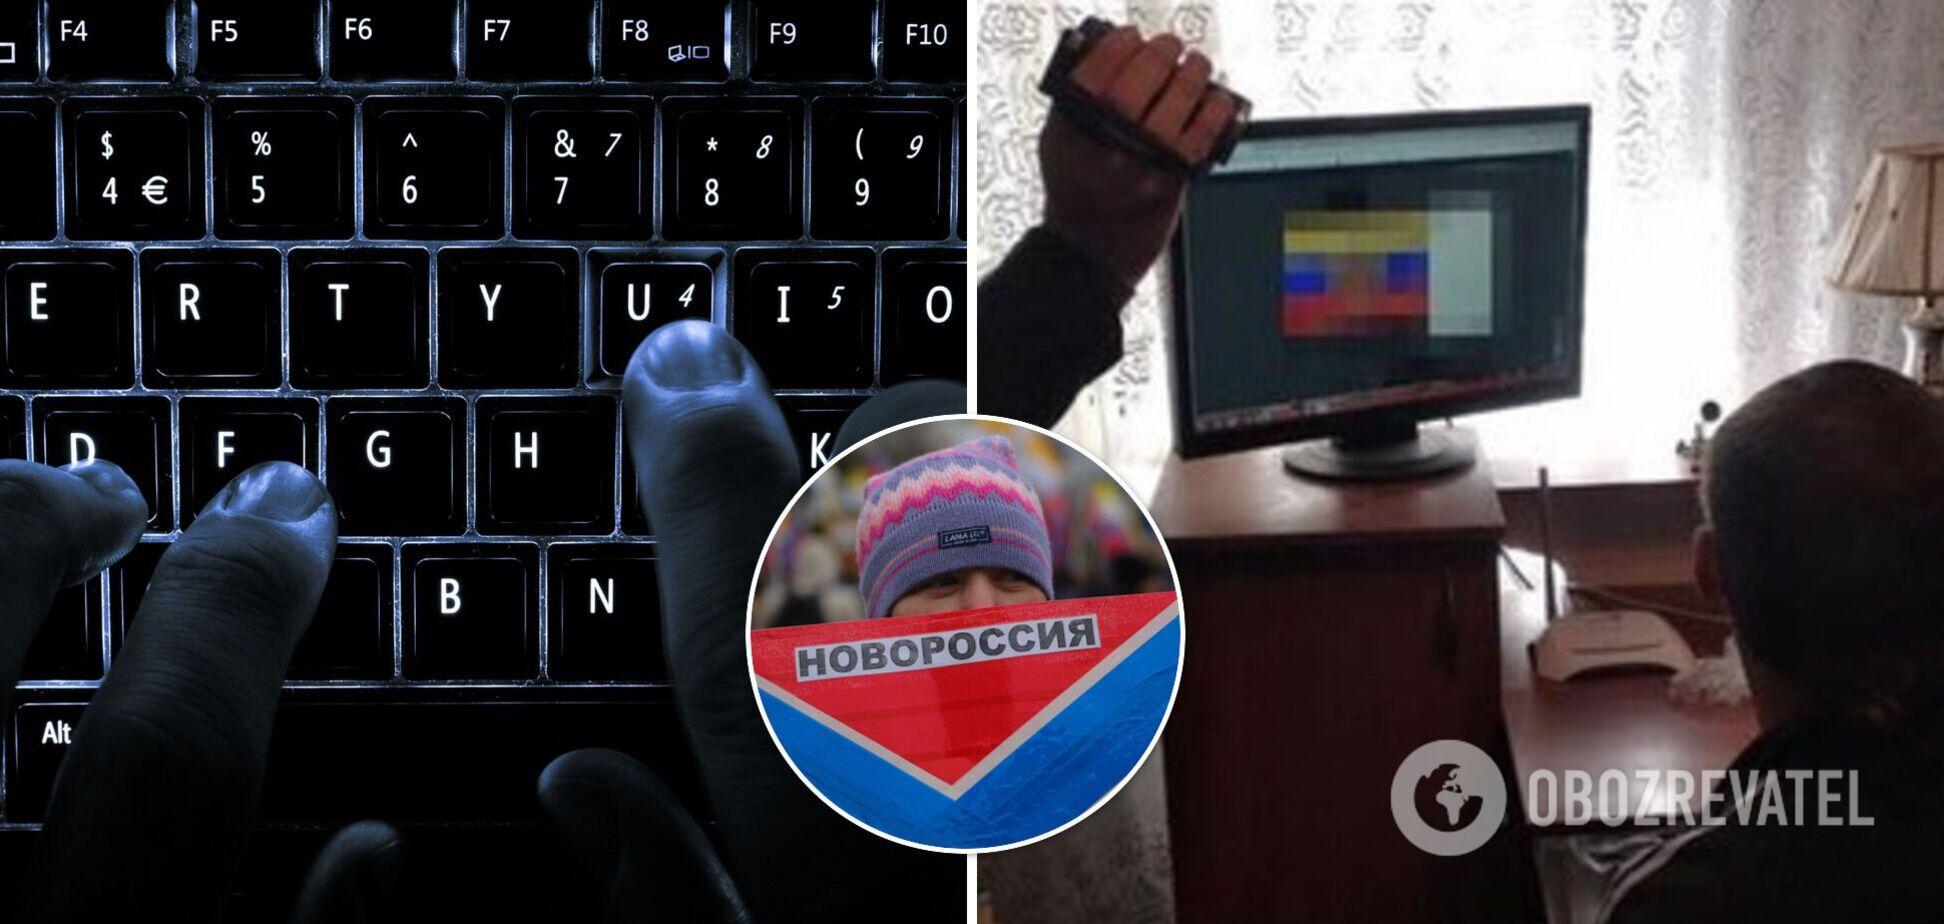 Провокатора из соцсетей и адепта Новороссии приговорили к двум годам